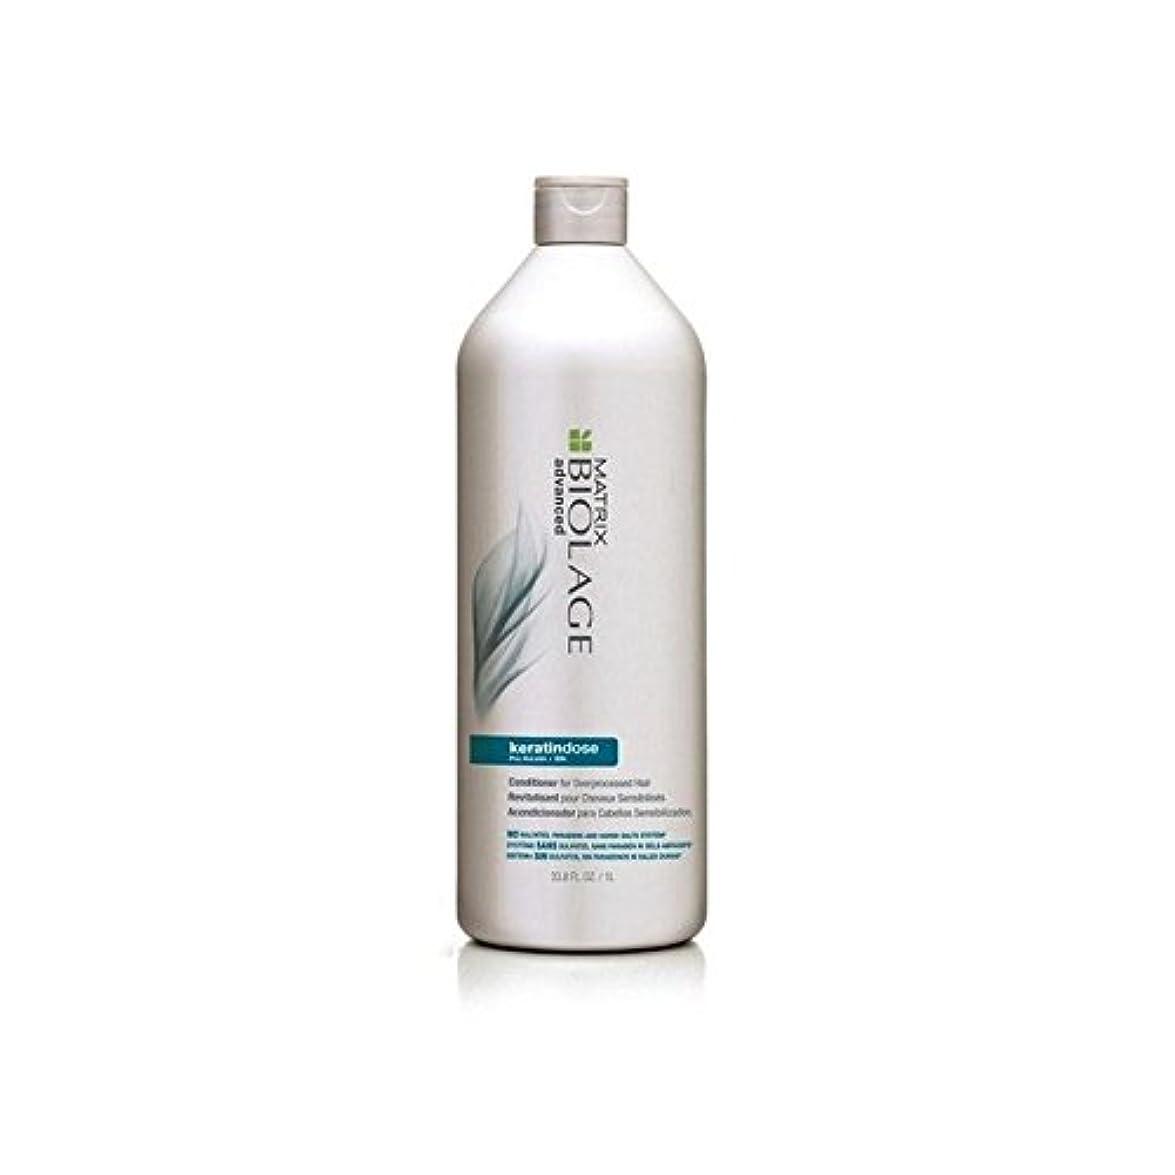 無許可デュアル休憩マトリックスバイオレイジコンディショナー(千ミリリットル) x2 - Matrix Biolage Keratindose Conditioner (1000ml) (Pack of 2) [並行輸入品]